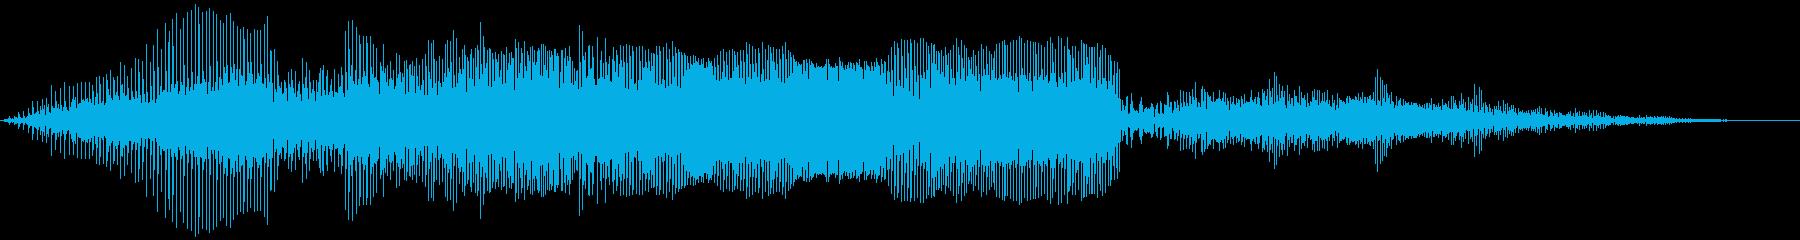 ダートバイクレースの再生済みの波形